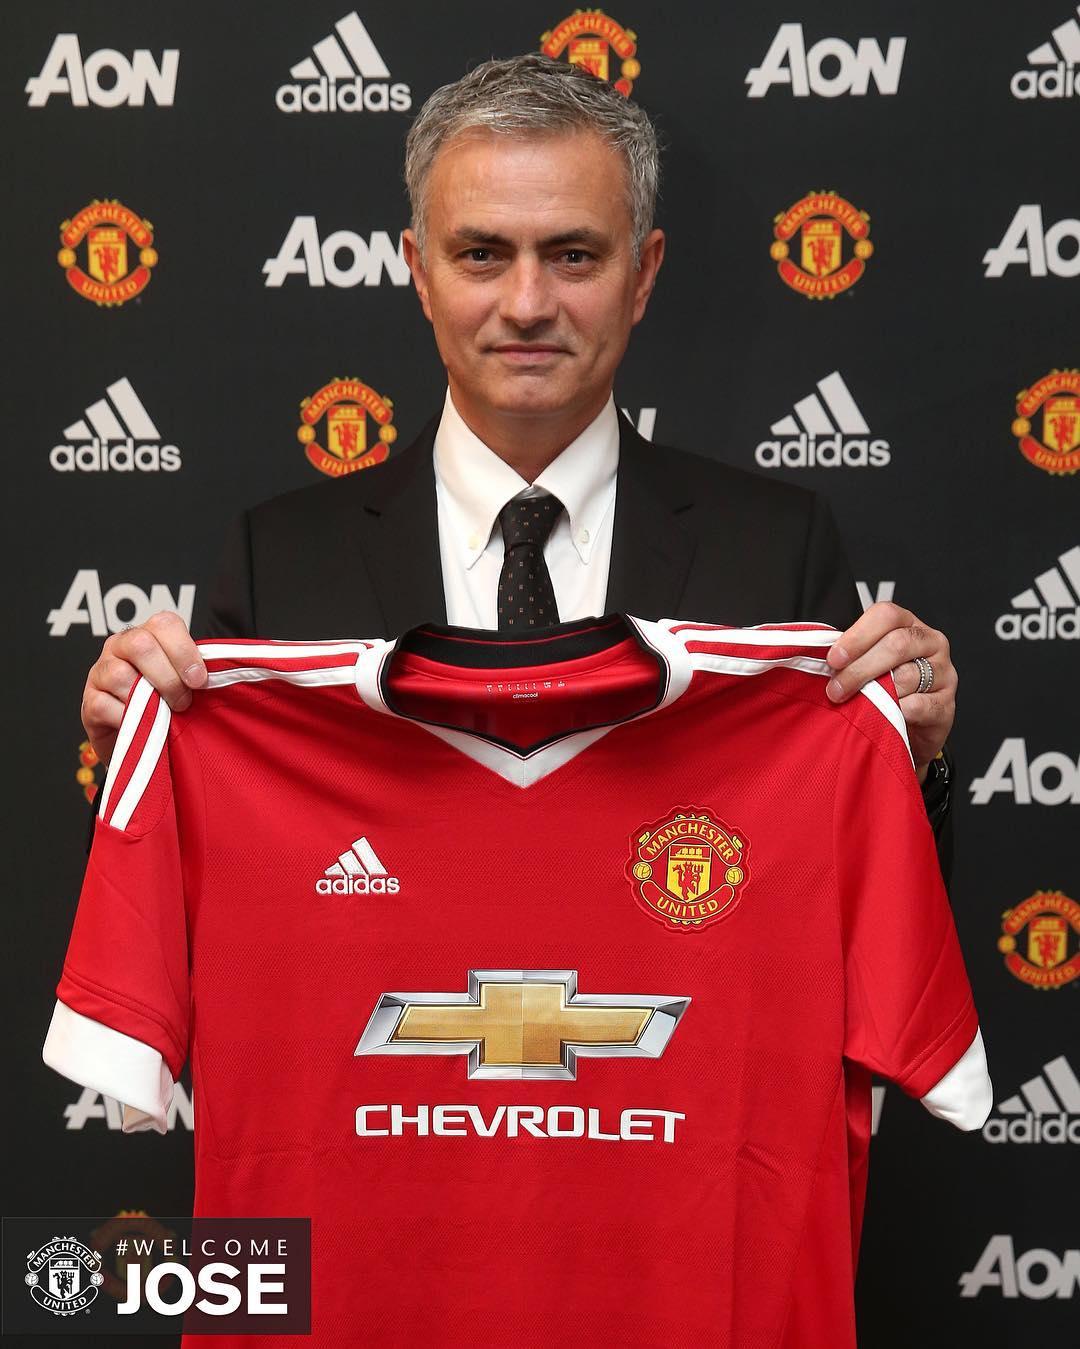 Manchester United confirma contratação do técnico José Mourinho ...